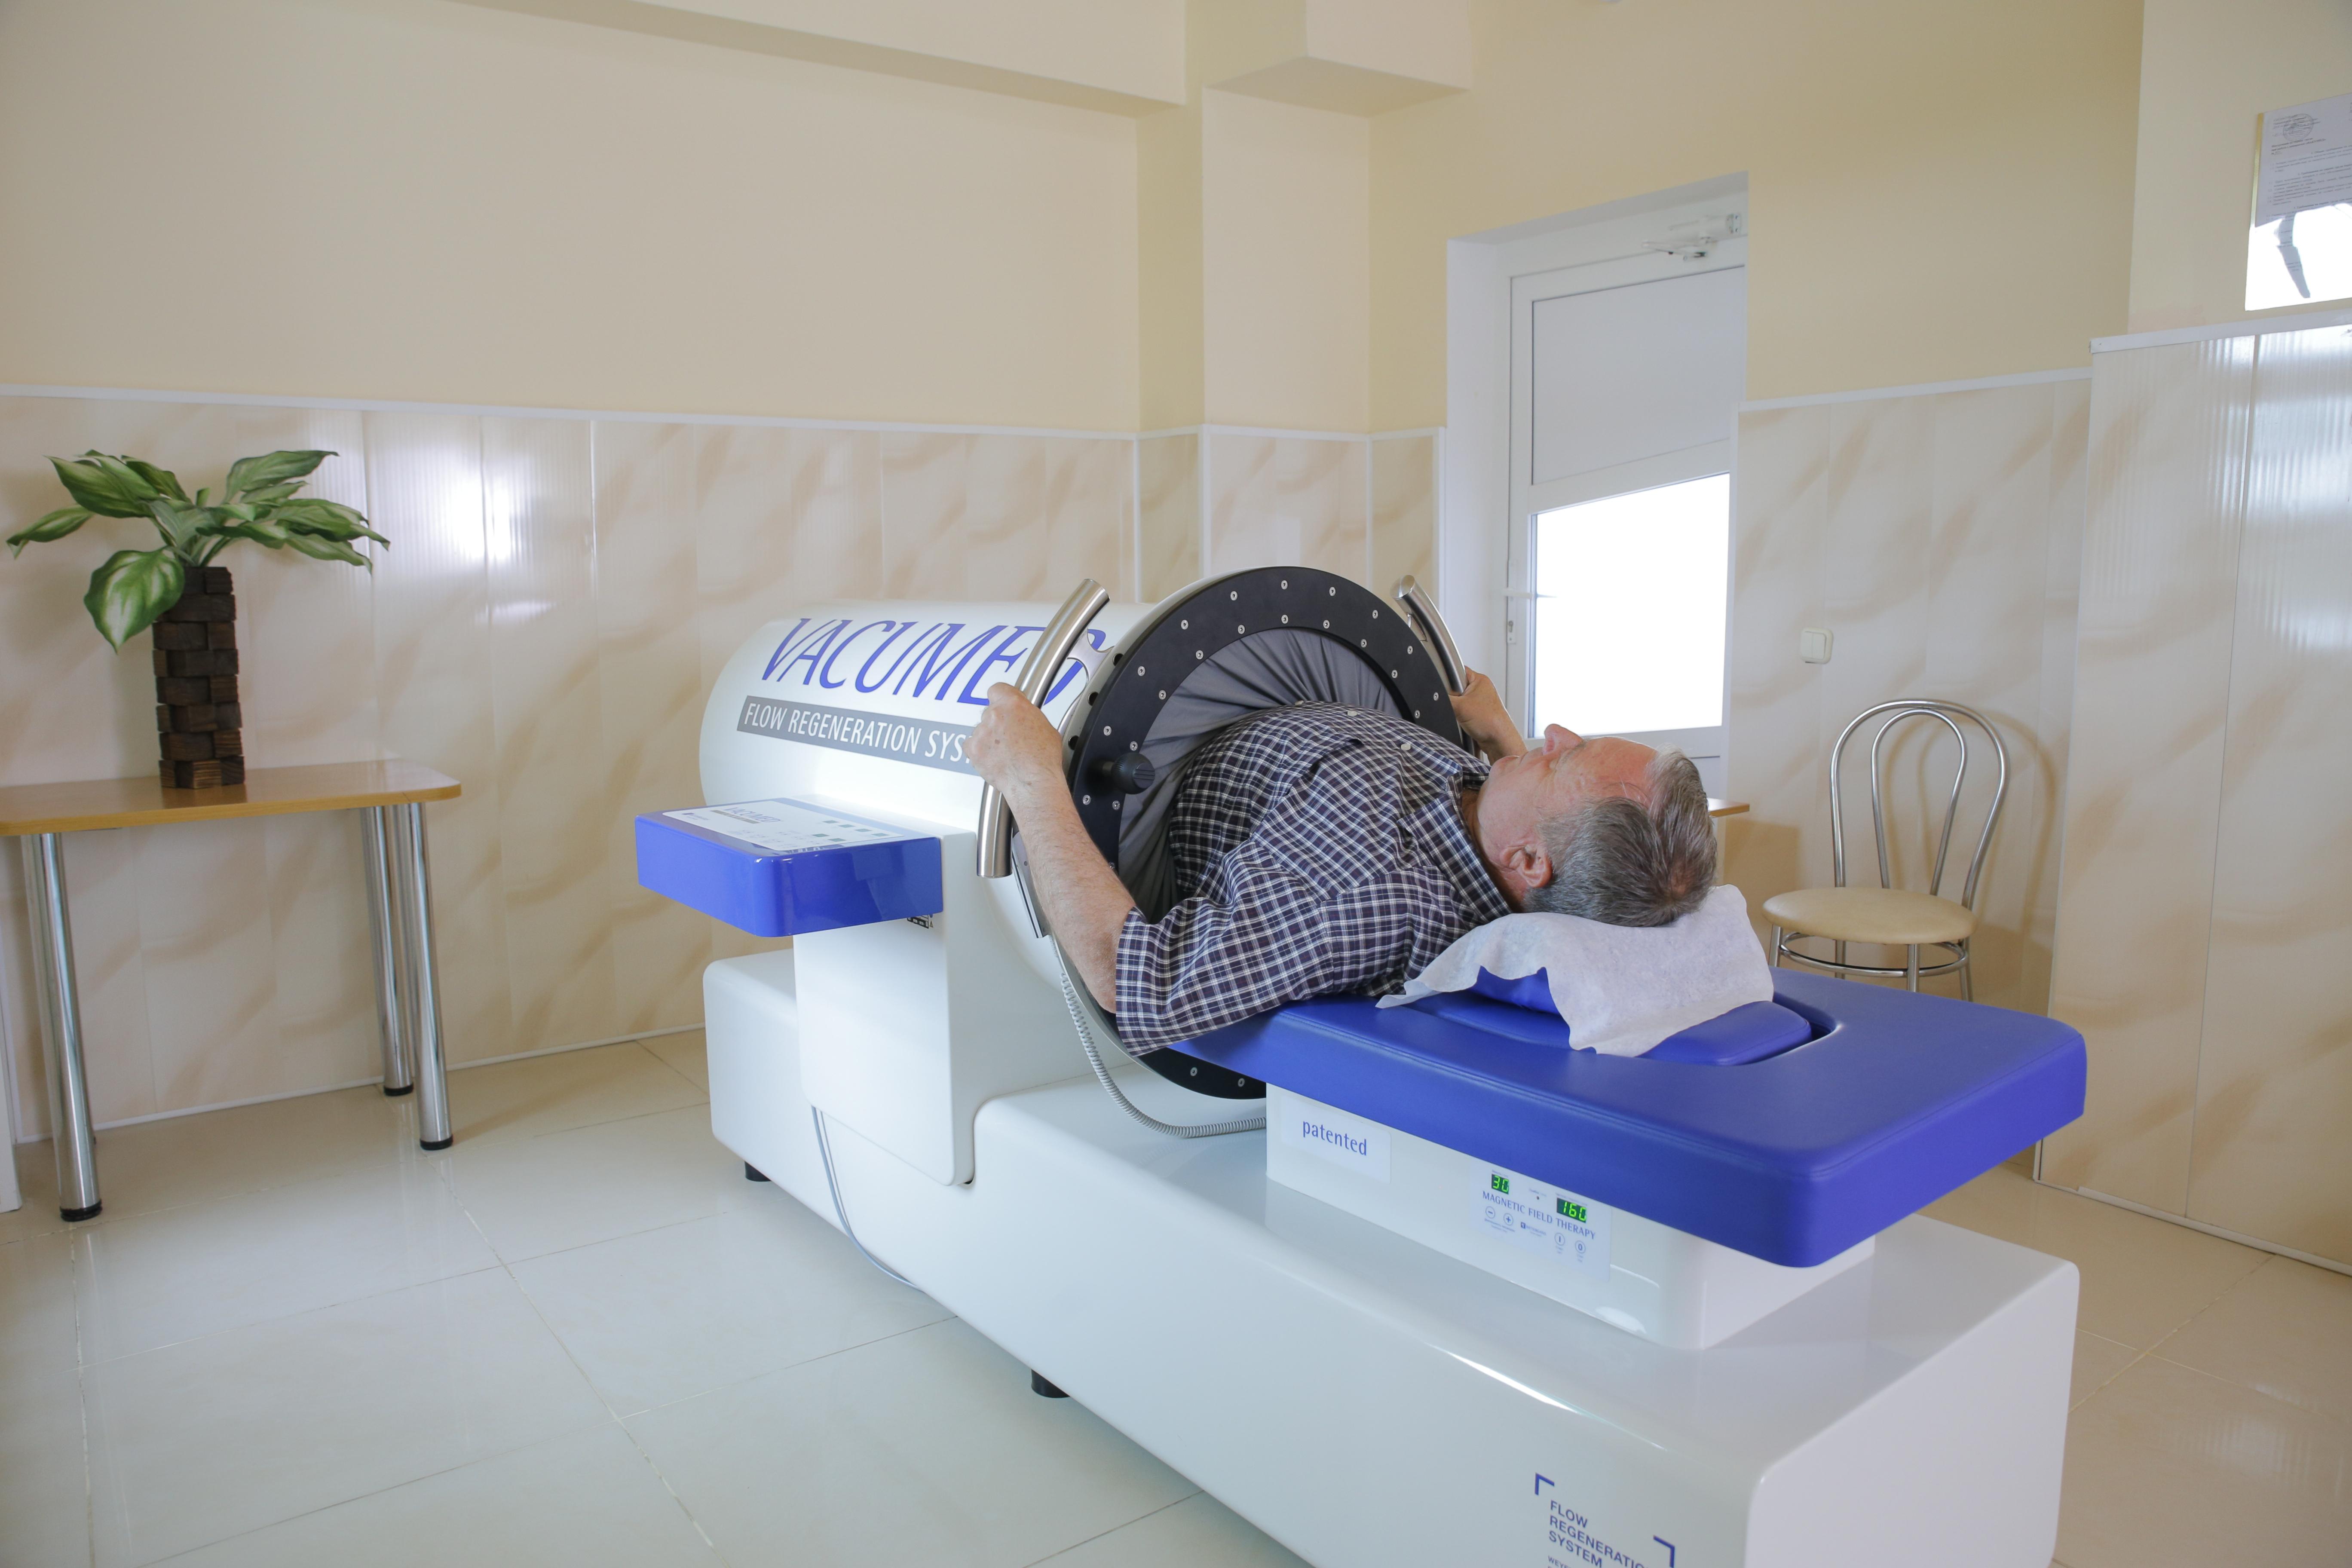 Физиотерапия: что это такое, виды физиотерапевтических процедур, показания и противопоказания, методы, аппарат в домашних условиях